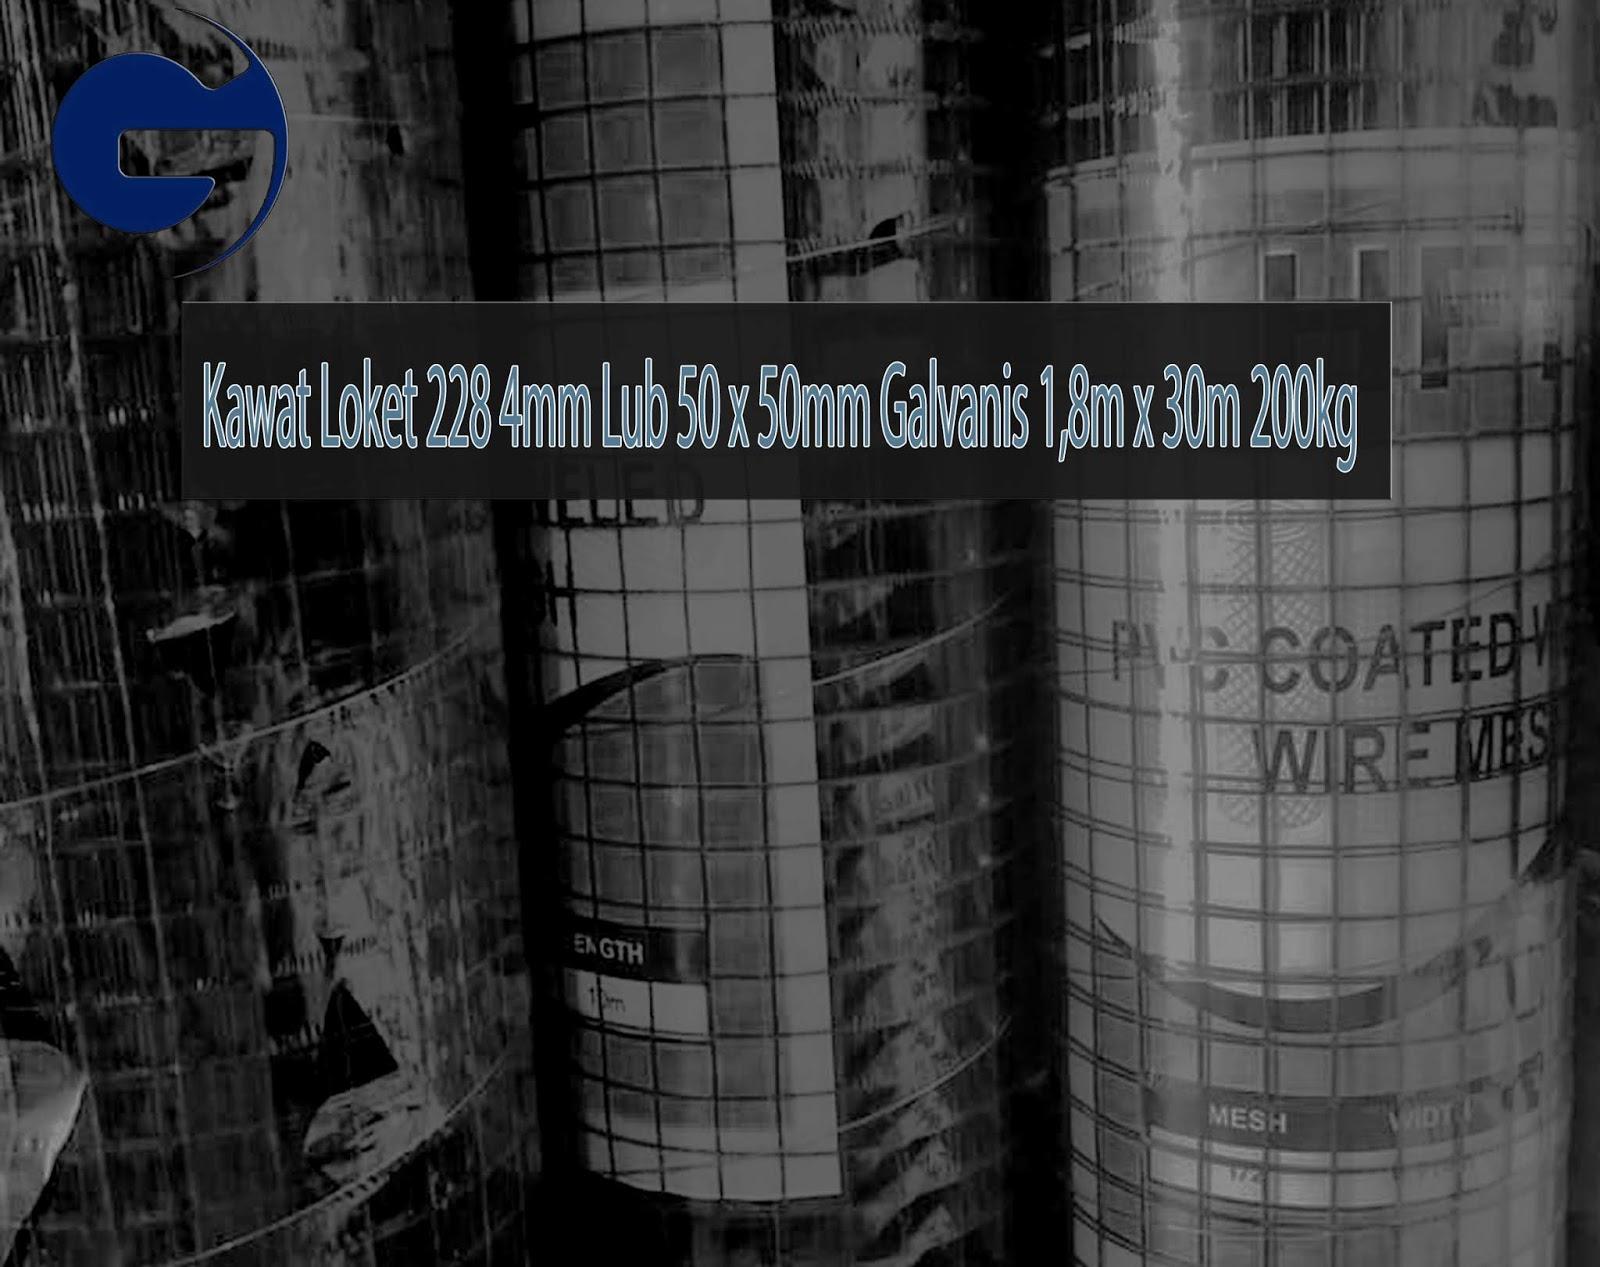 Jual Kawat Loket 228 4mm Lub 50 x 50mm Galvanis 1,8m x 30m 200kg